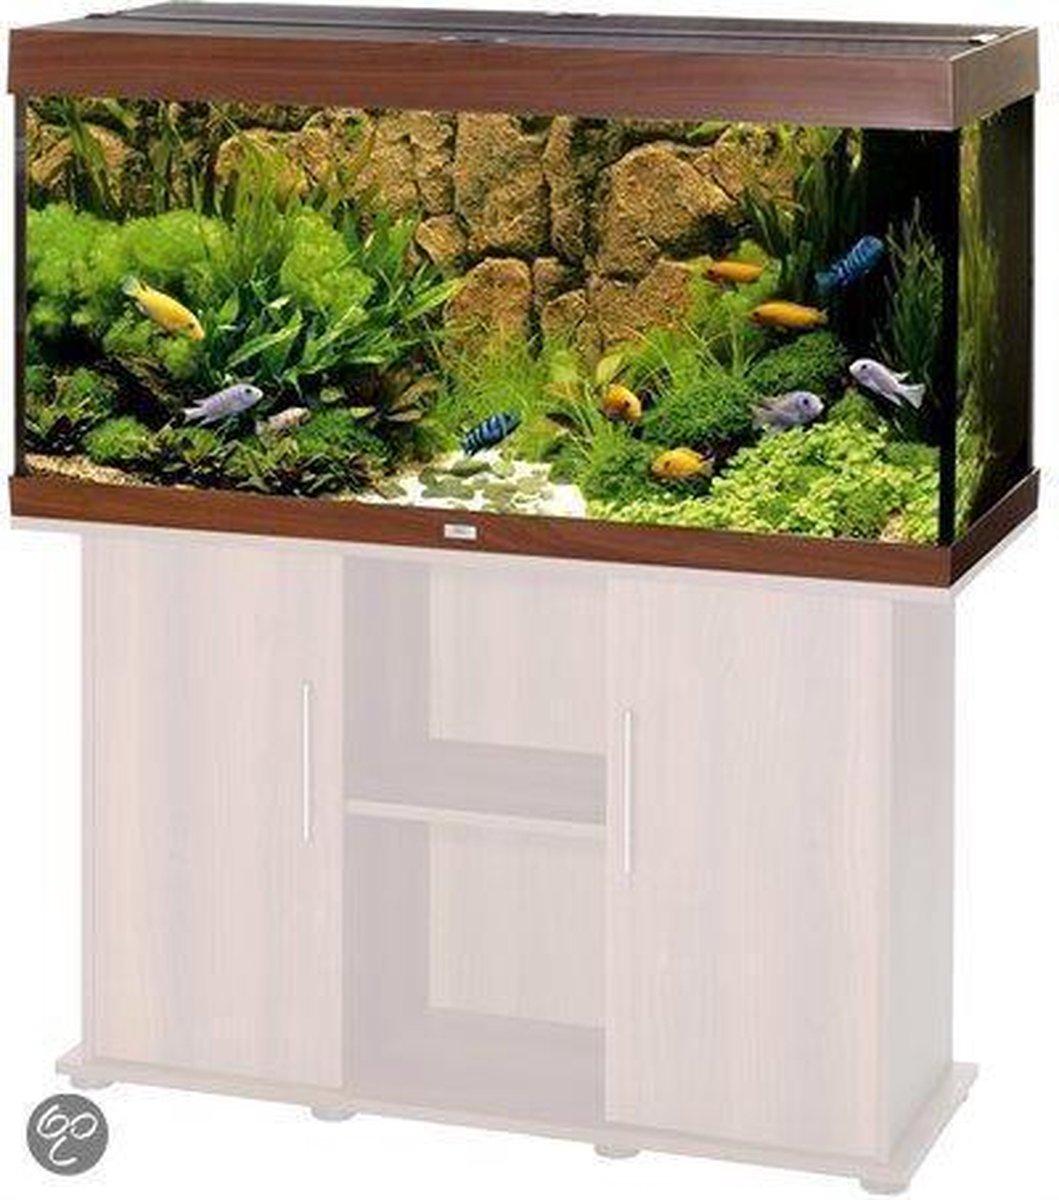 Juwel Rio Aquarium - 121x66x51 cm - 300L - Donkerbruin - Juwel